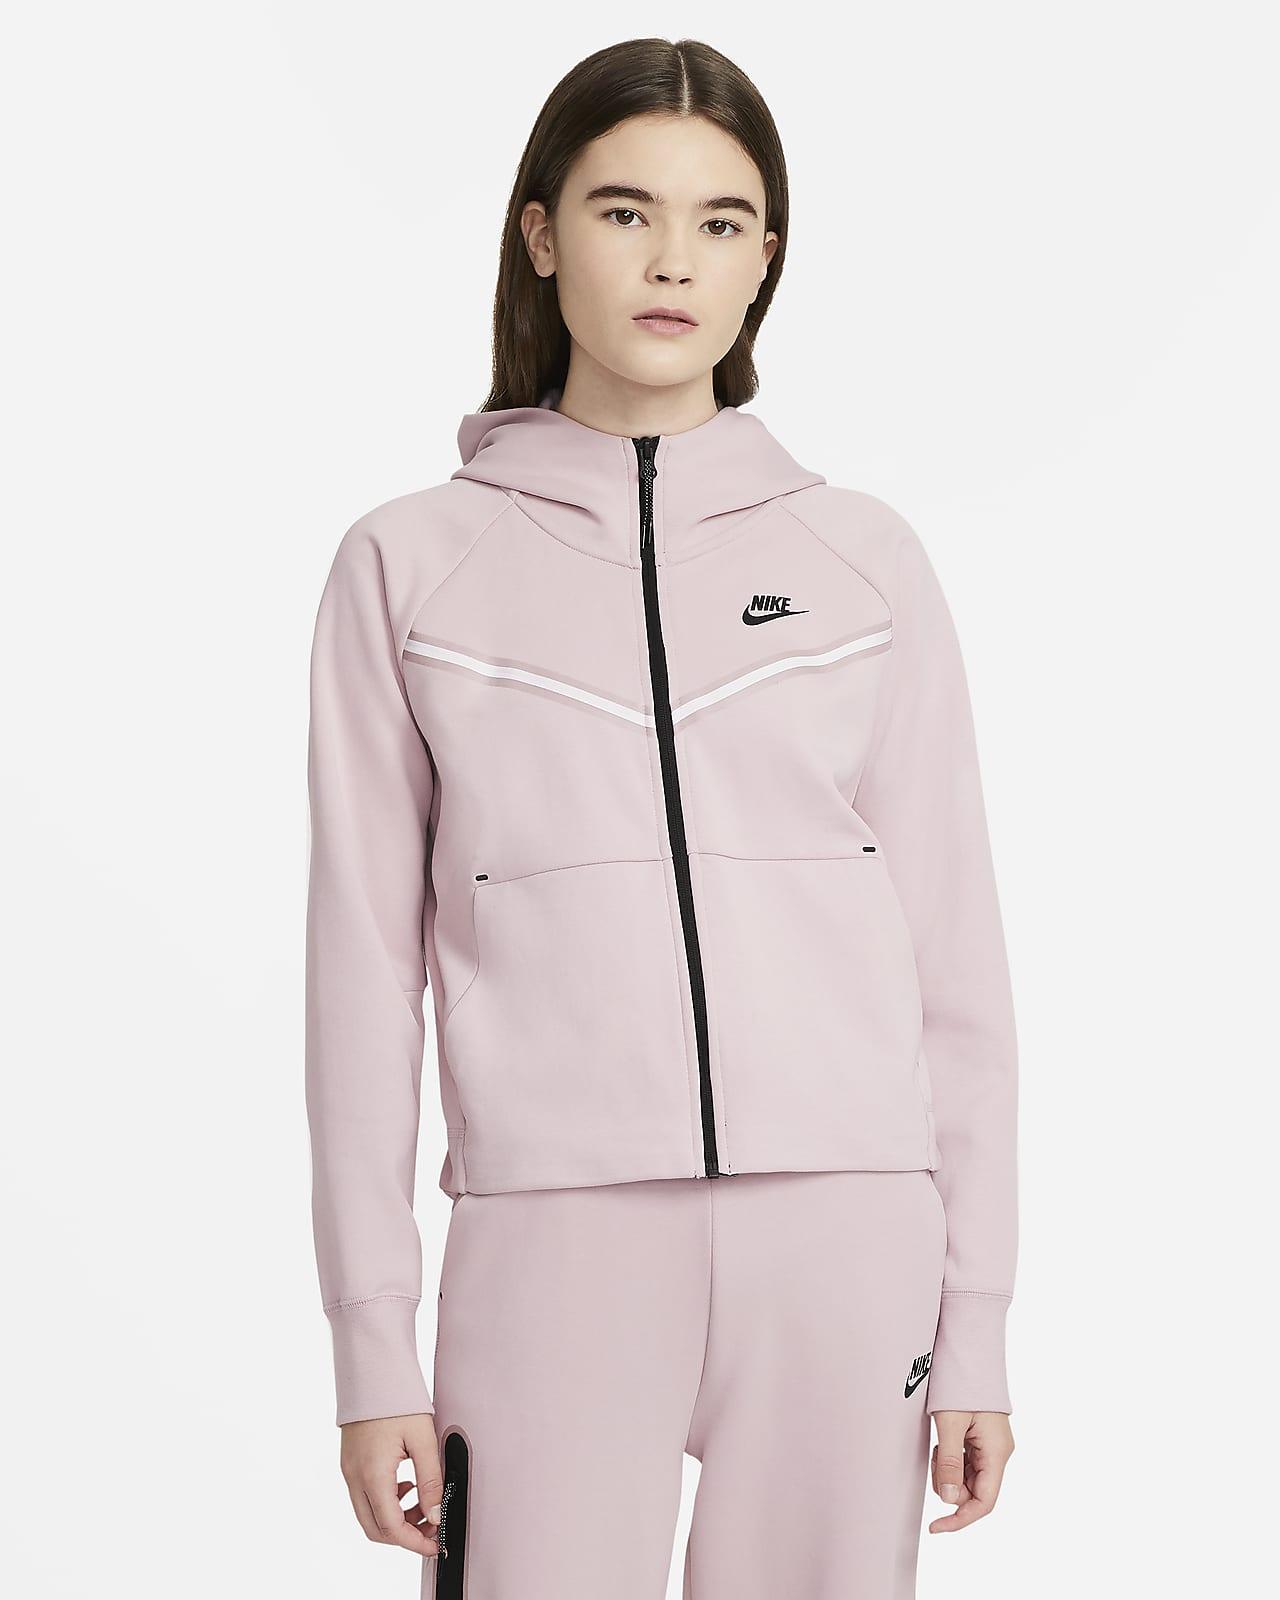 Nike Sportswear Tech Fleece Windrunner Sudadera con capucha con cremallera completa - Mujer